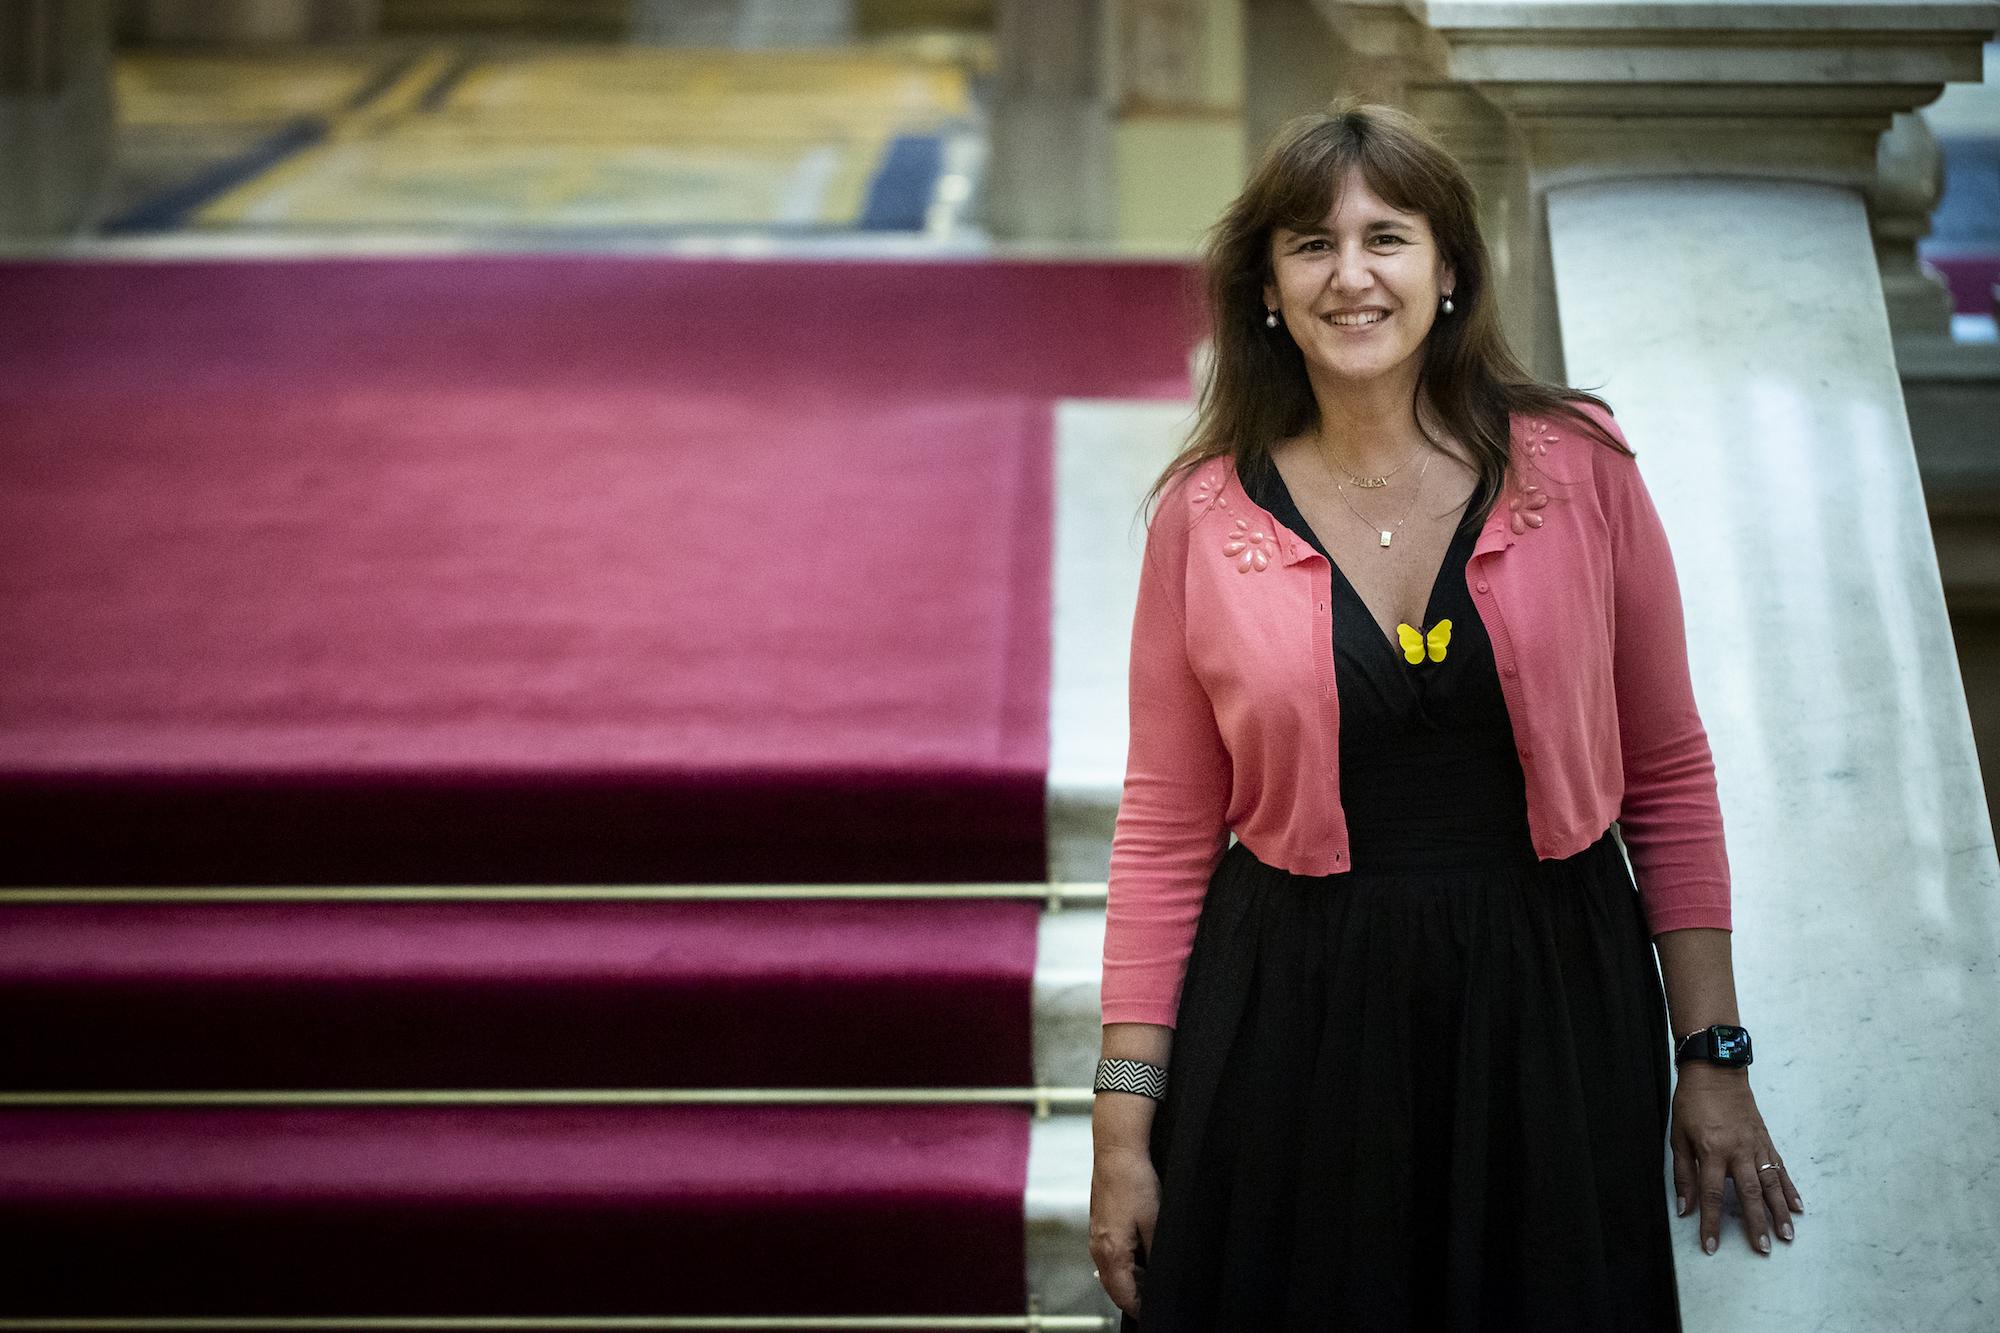 La presidenta del Parlament, Laura Borràs, al l'escala principal de la cambra / Mireia Comas